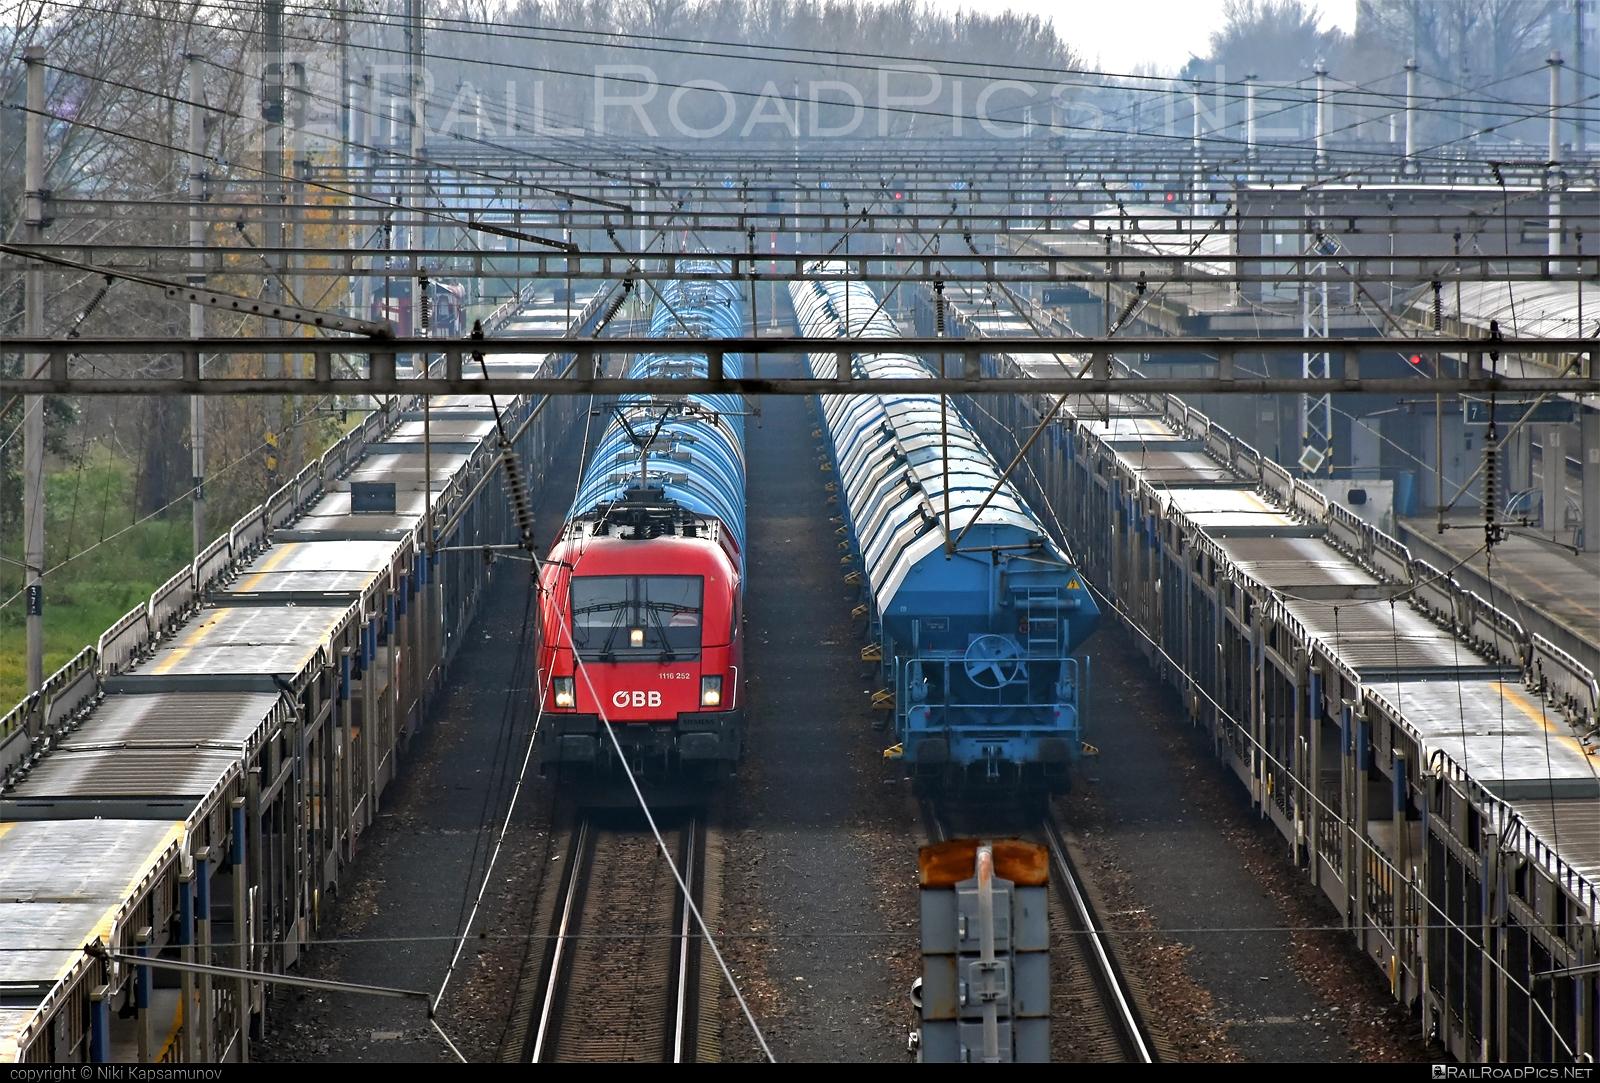 Siemens ES 64 U2 - 1116 252 operated by Rail Cargo Austria AG #es64 #es64u #es64u2 #eurosprinter #obb #osterreichischebundesbahnen #rcw #siemens #siemenses64 #siemenses64u #siemenses64u2 #siemenstaurus #taurus #tauruslocomotive